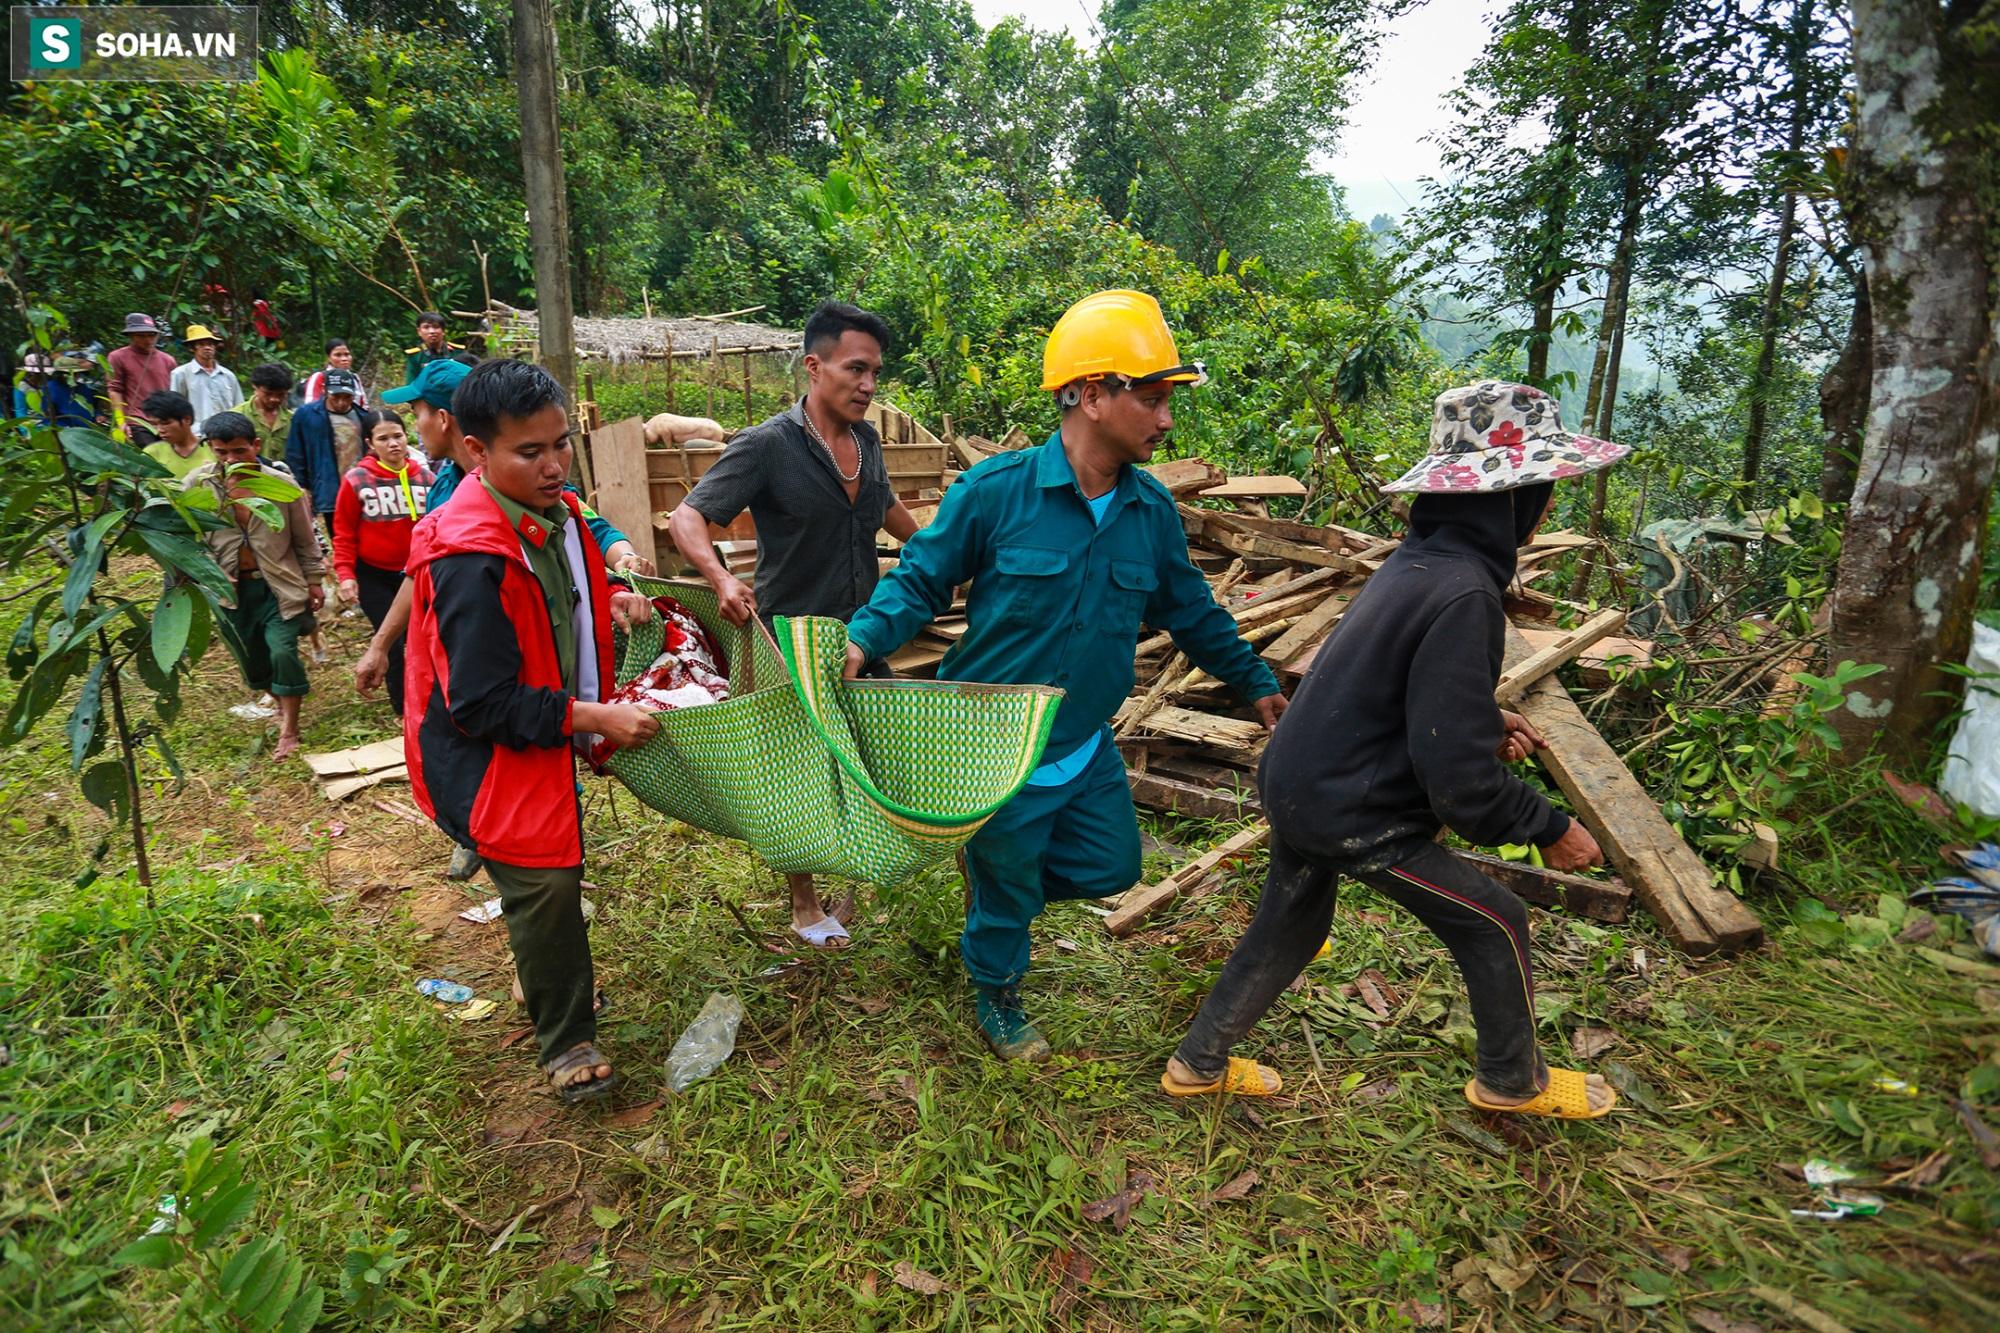 [Ảnh] Dân làng khóc nghẹn khi tìm thấy bé trai 10 tháng tuổi dưới lớp bùn đất vụ sạt lở ở Trà Leng - Ảnh 8